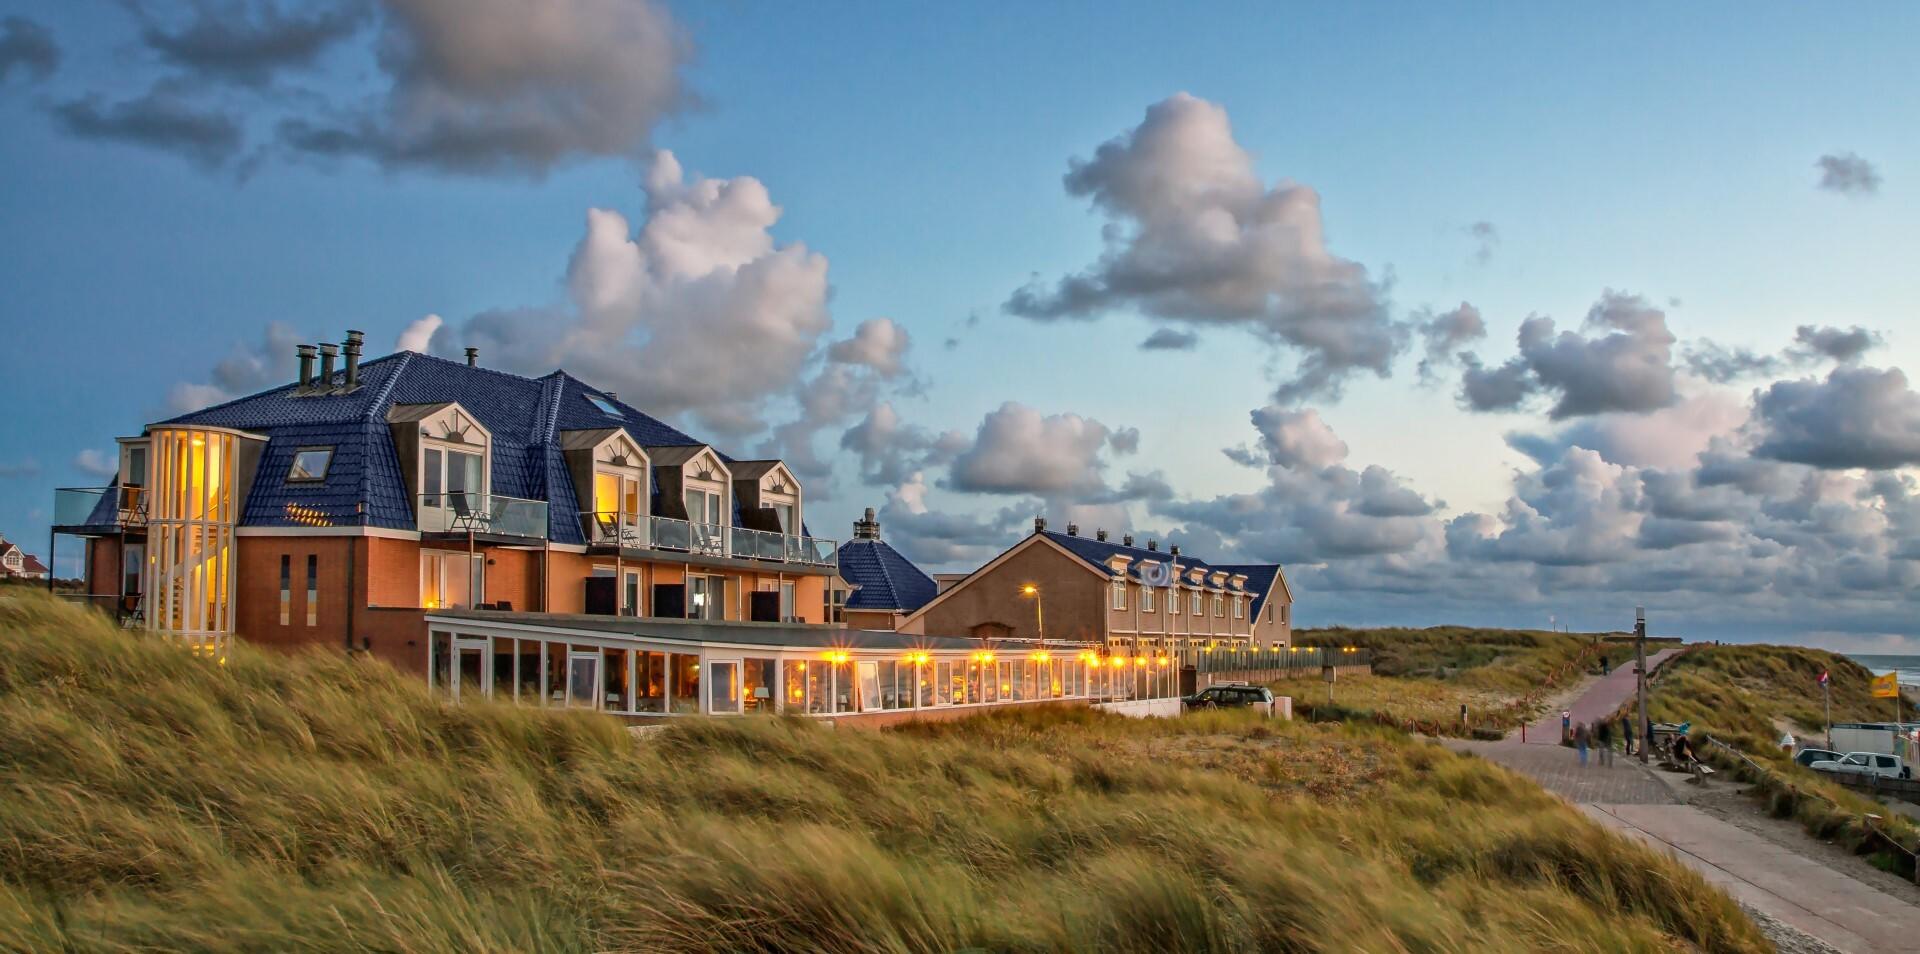 Hotel Noordzee op de duinen bij De Koog VVV Texel fotograaf Justin Sinner